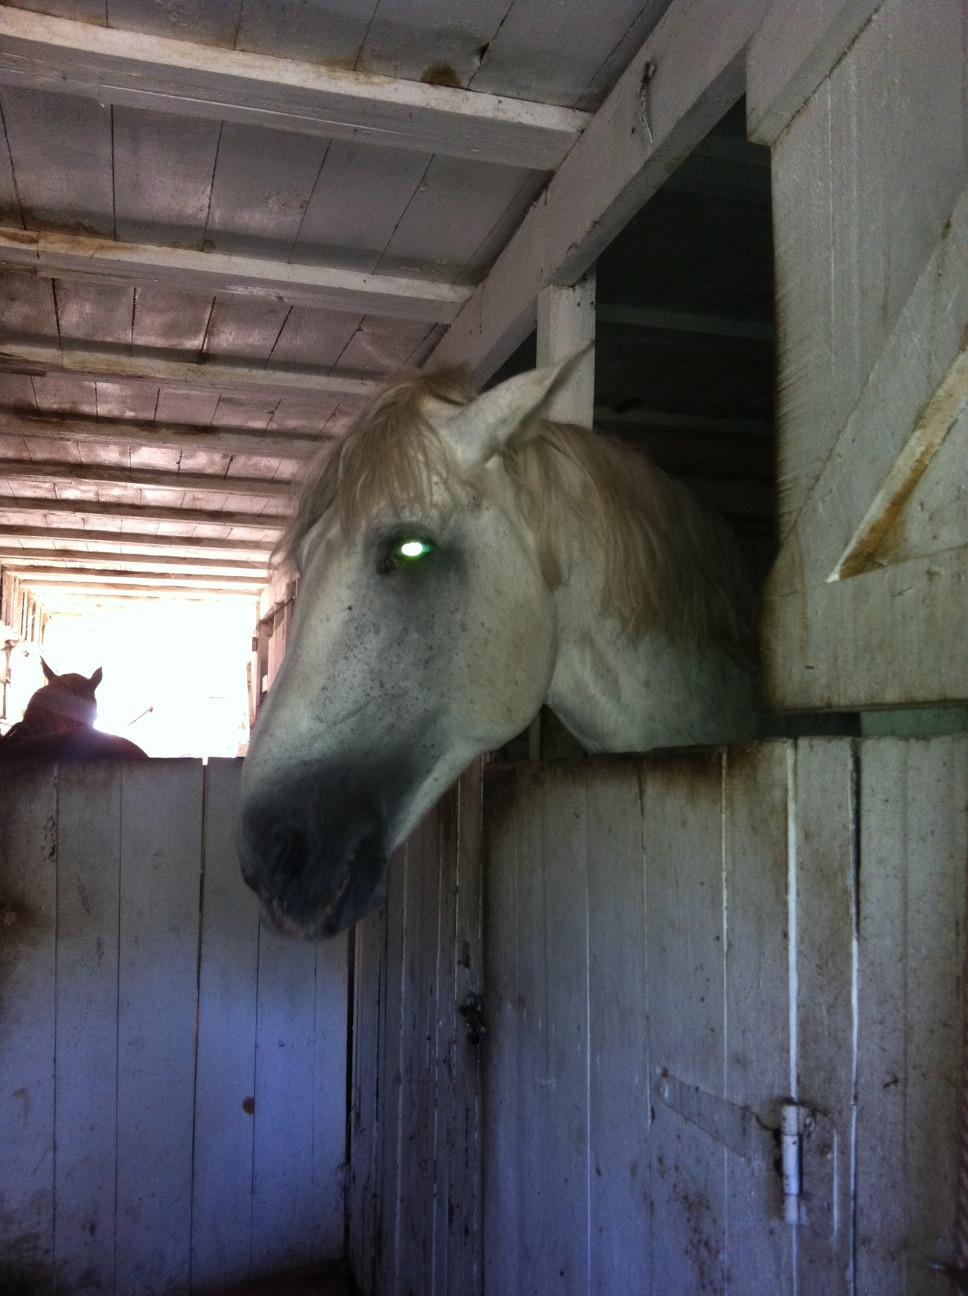 что нужно сделать чтоб у коня втал член рассказ